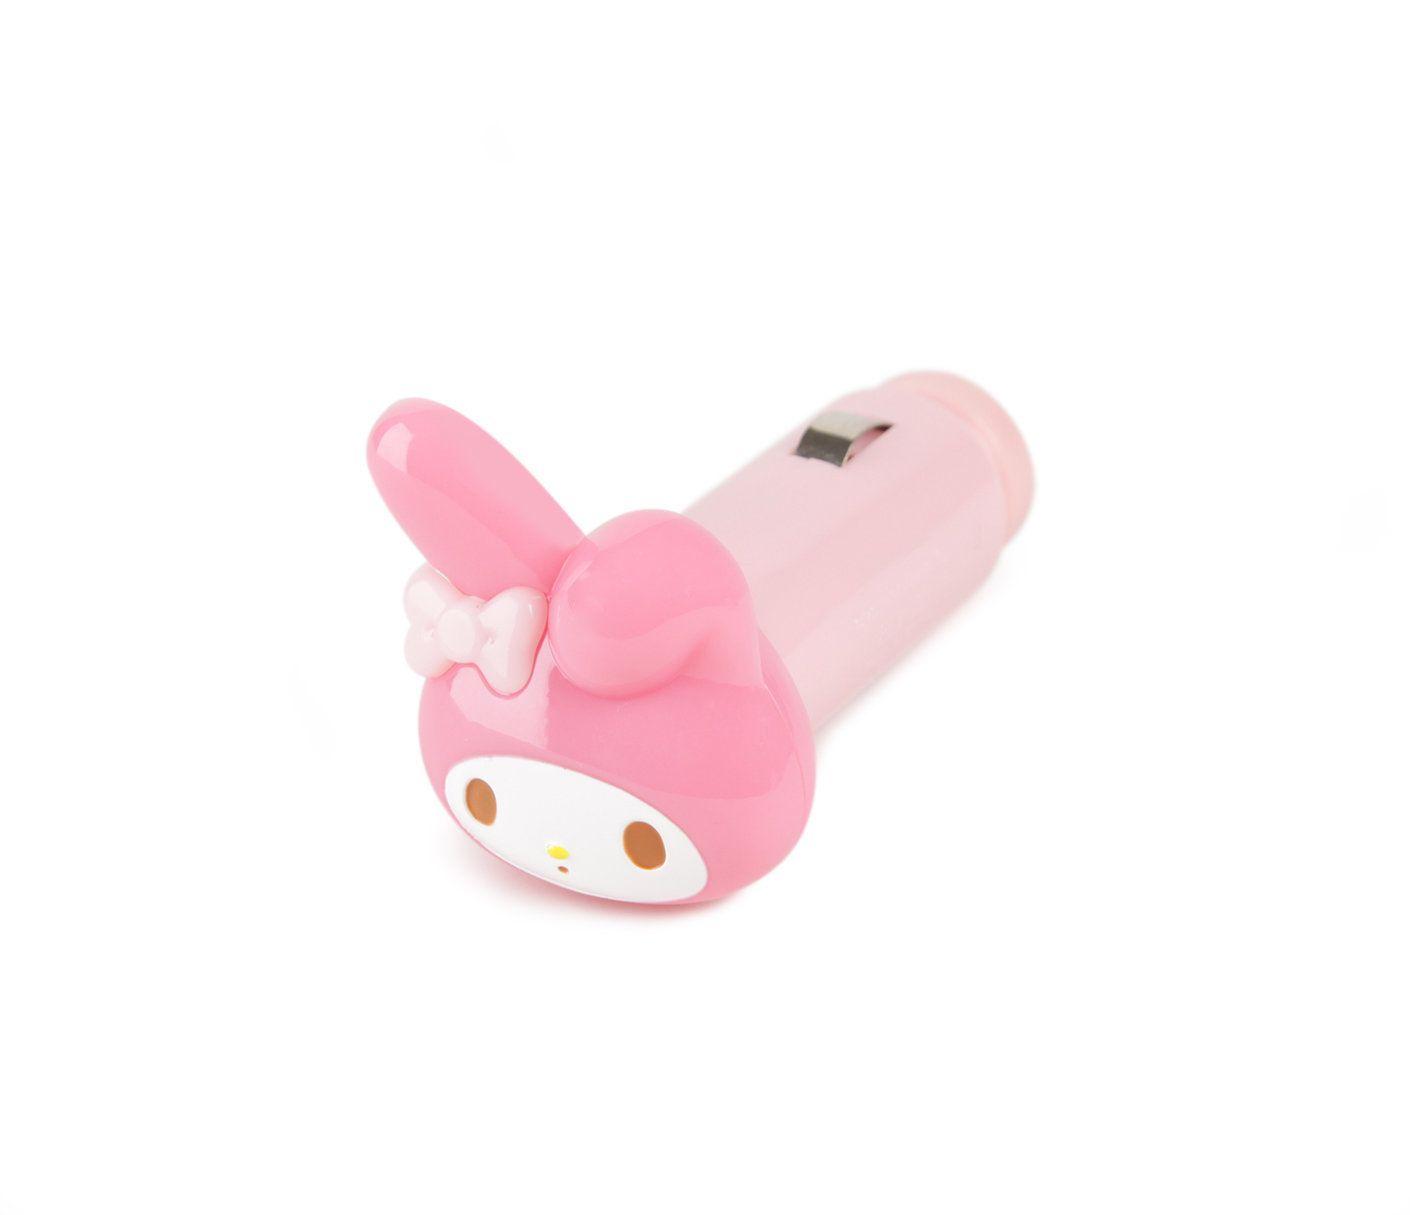 My Melody USB Car Charger: Ribbon